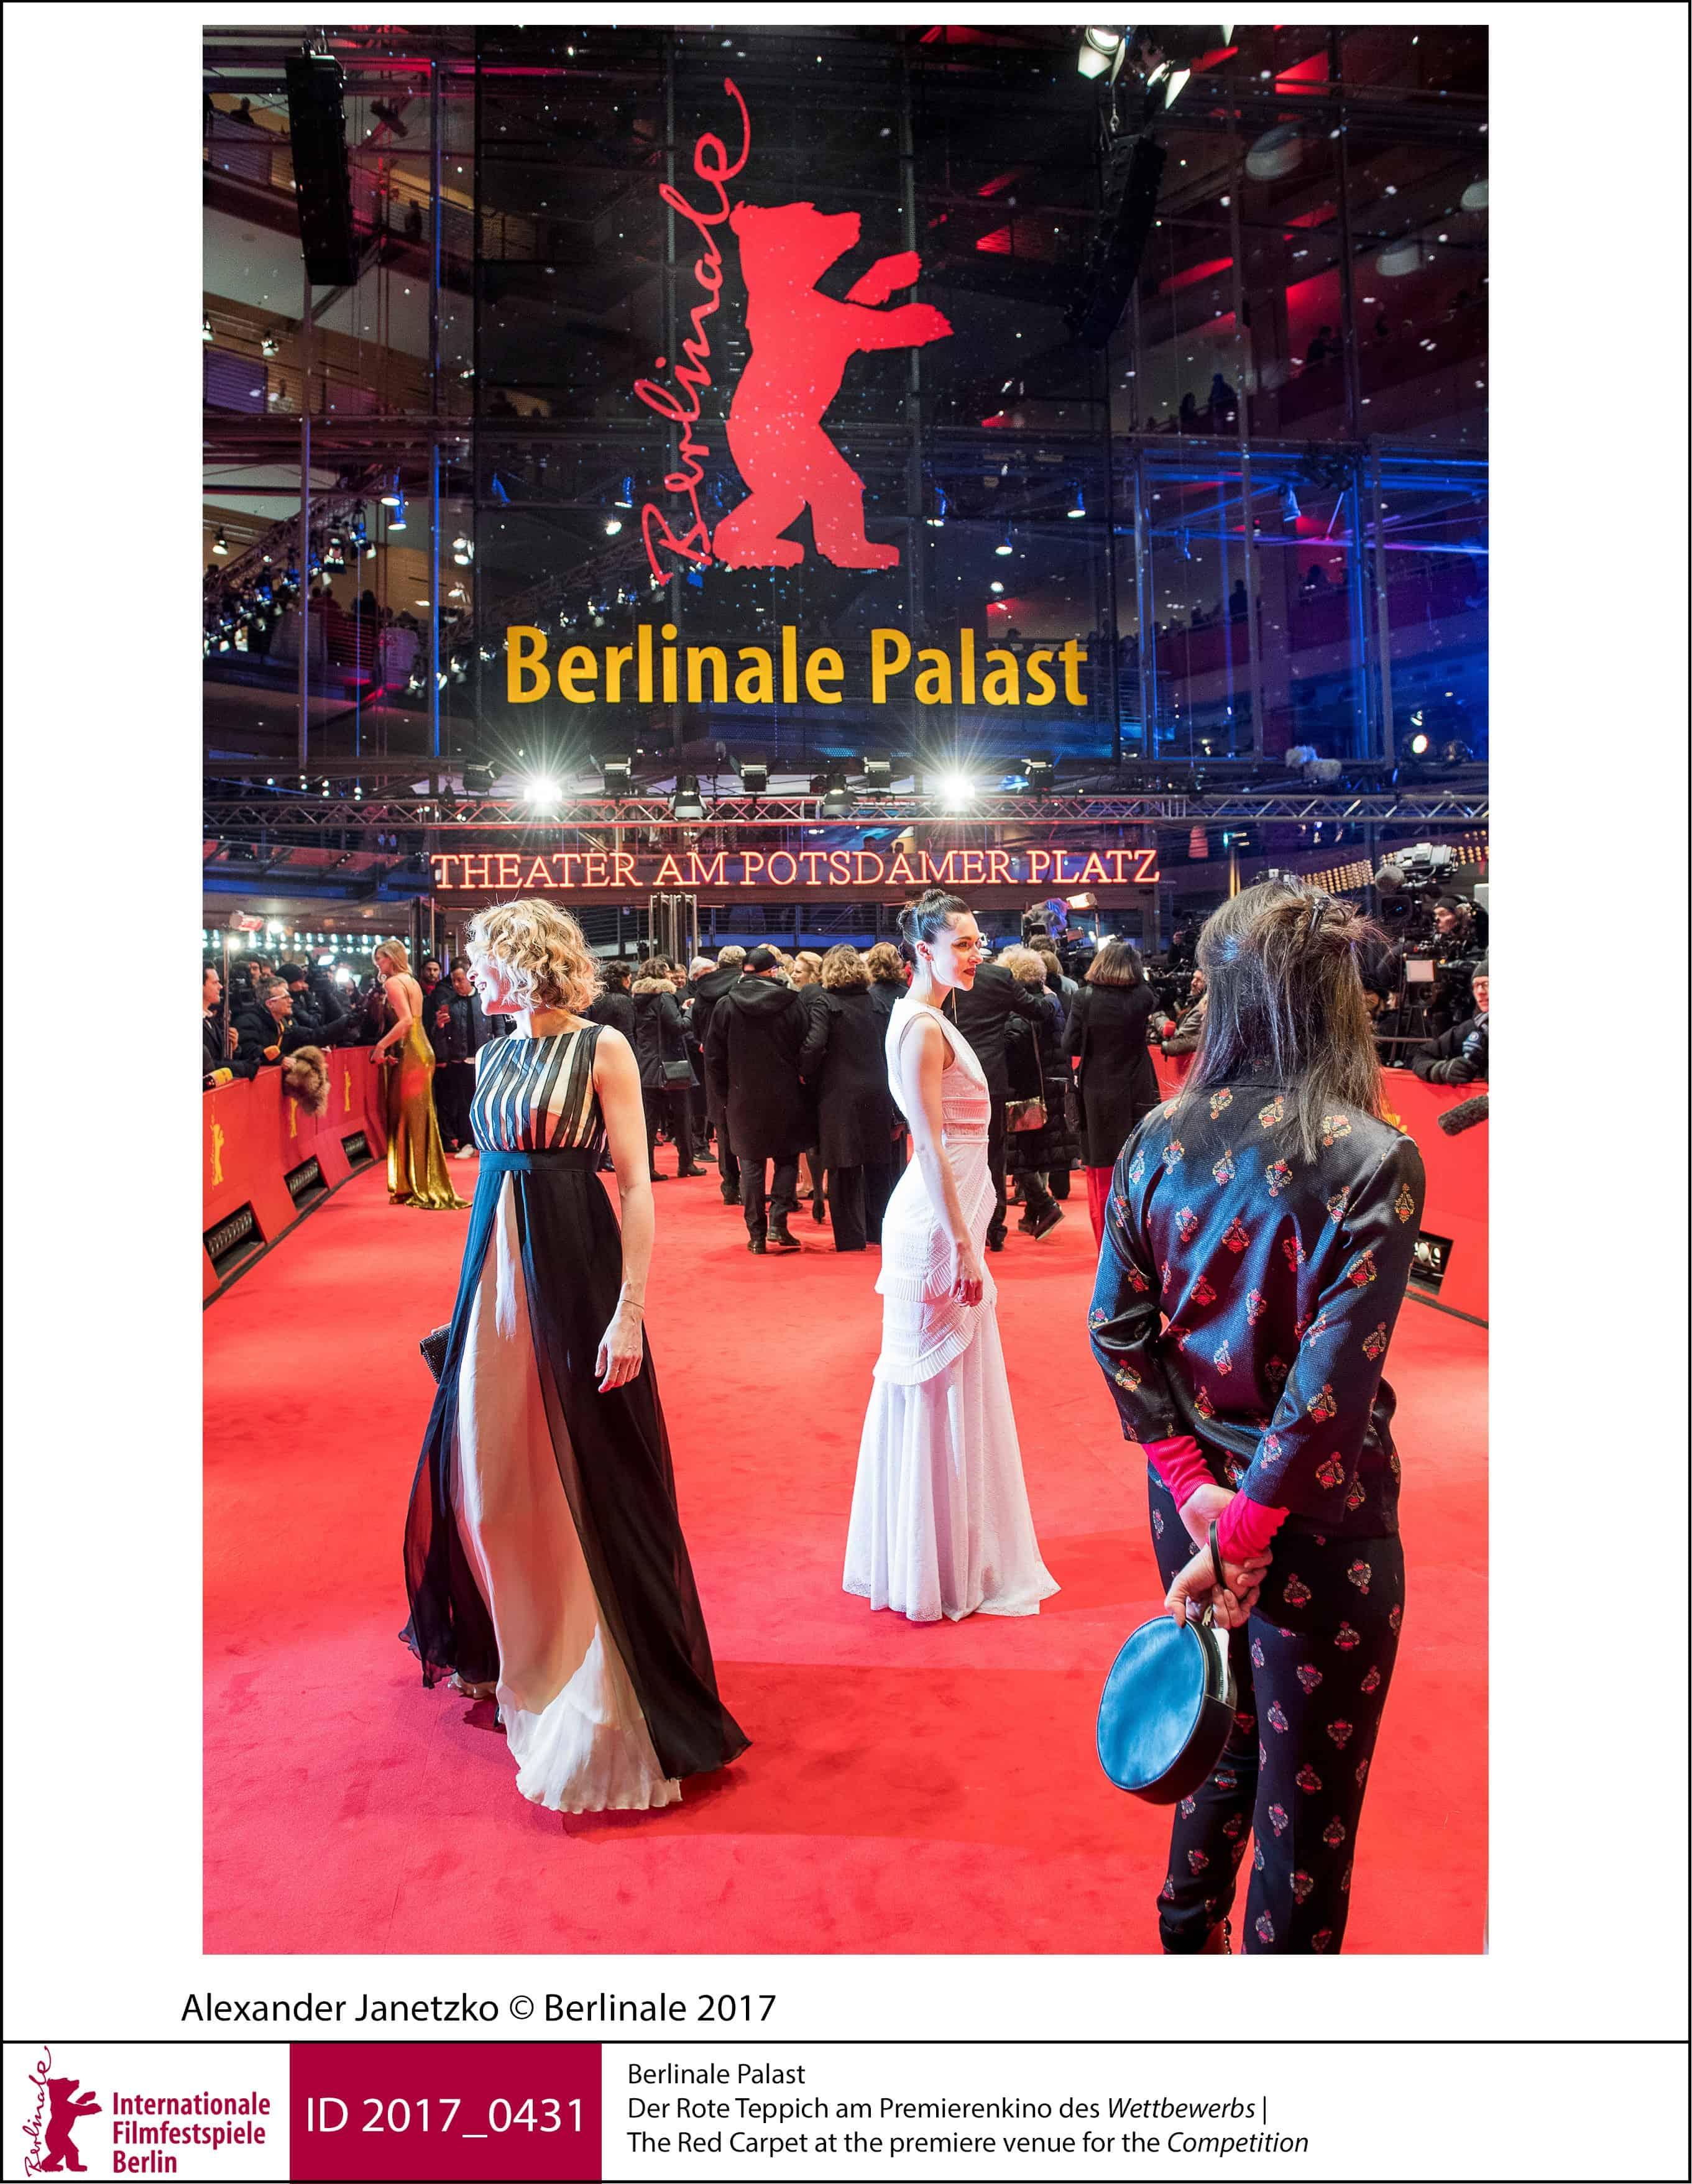 Kendisser på det røde tæppe ved Theater am Potsdamer Platz i forbindelse med Berlinalen i Berlin.